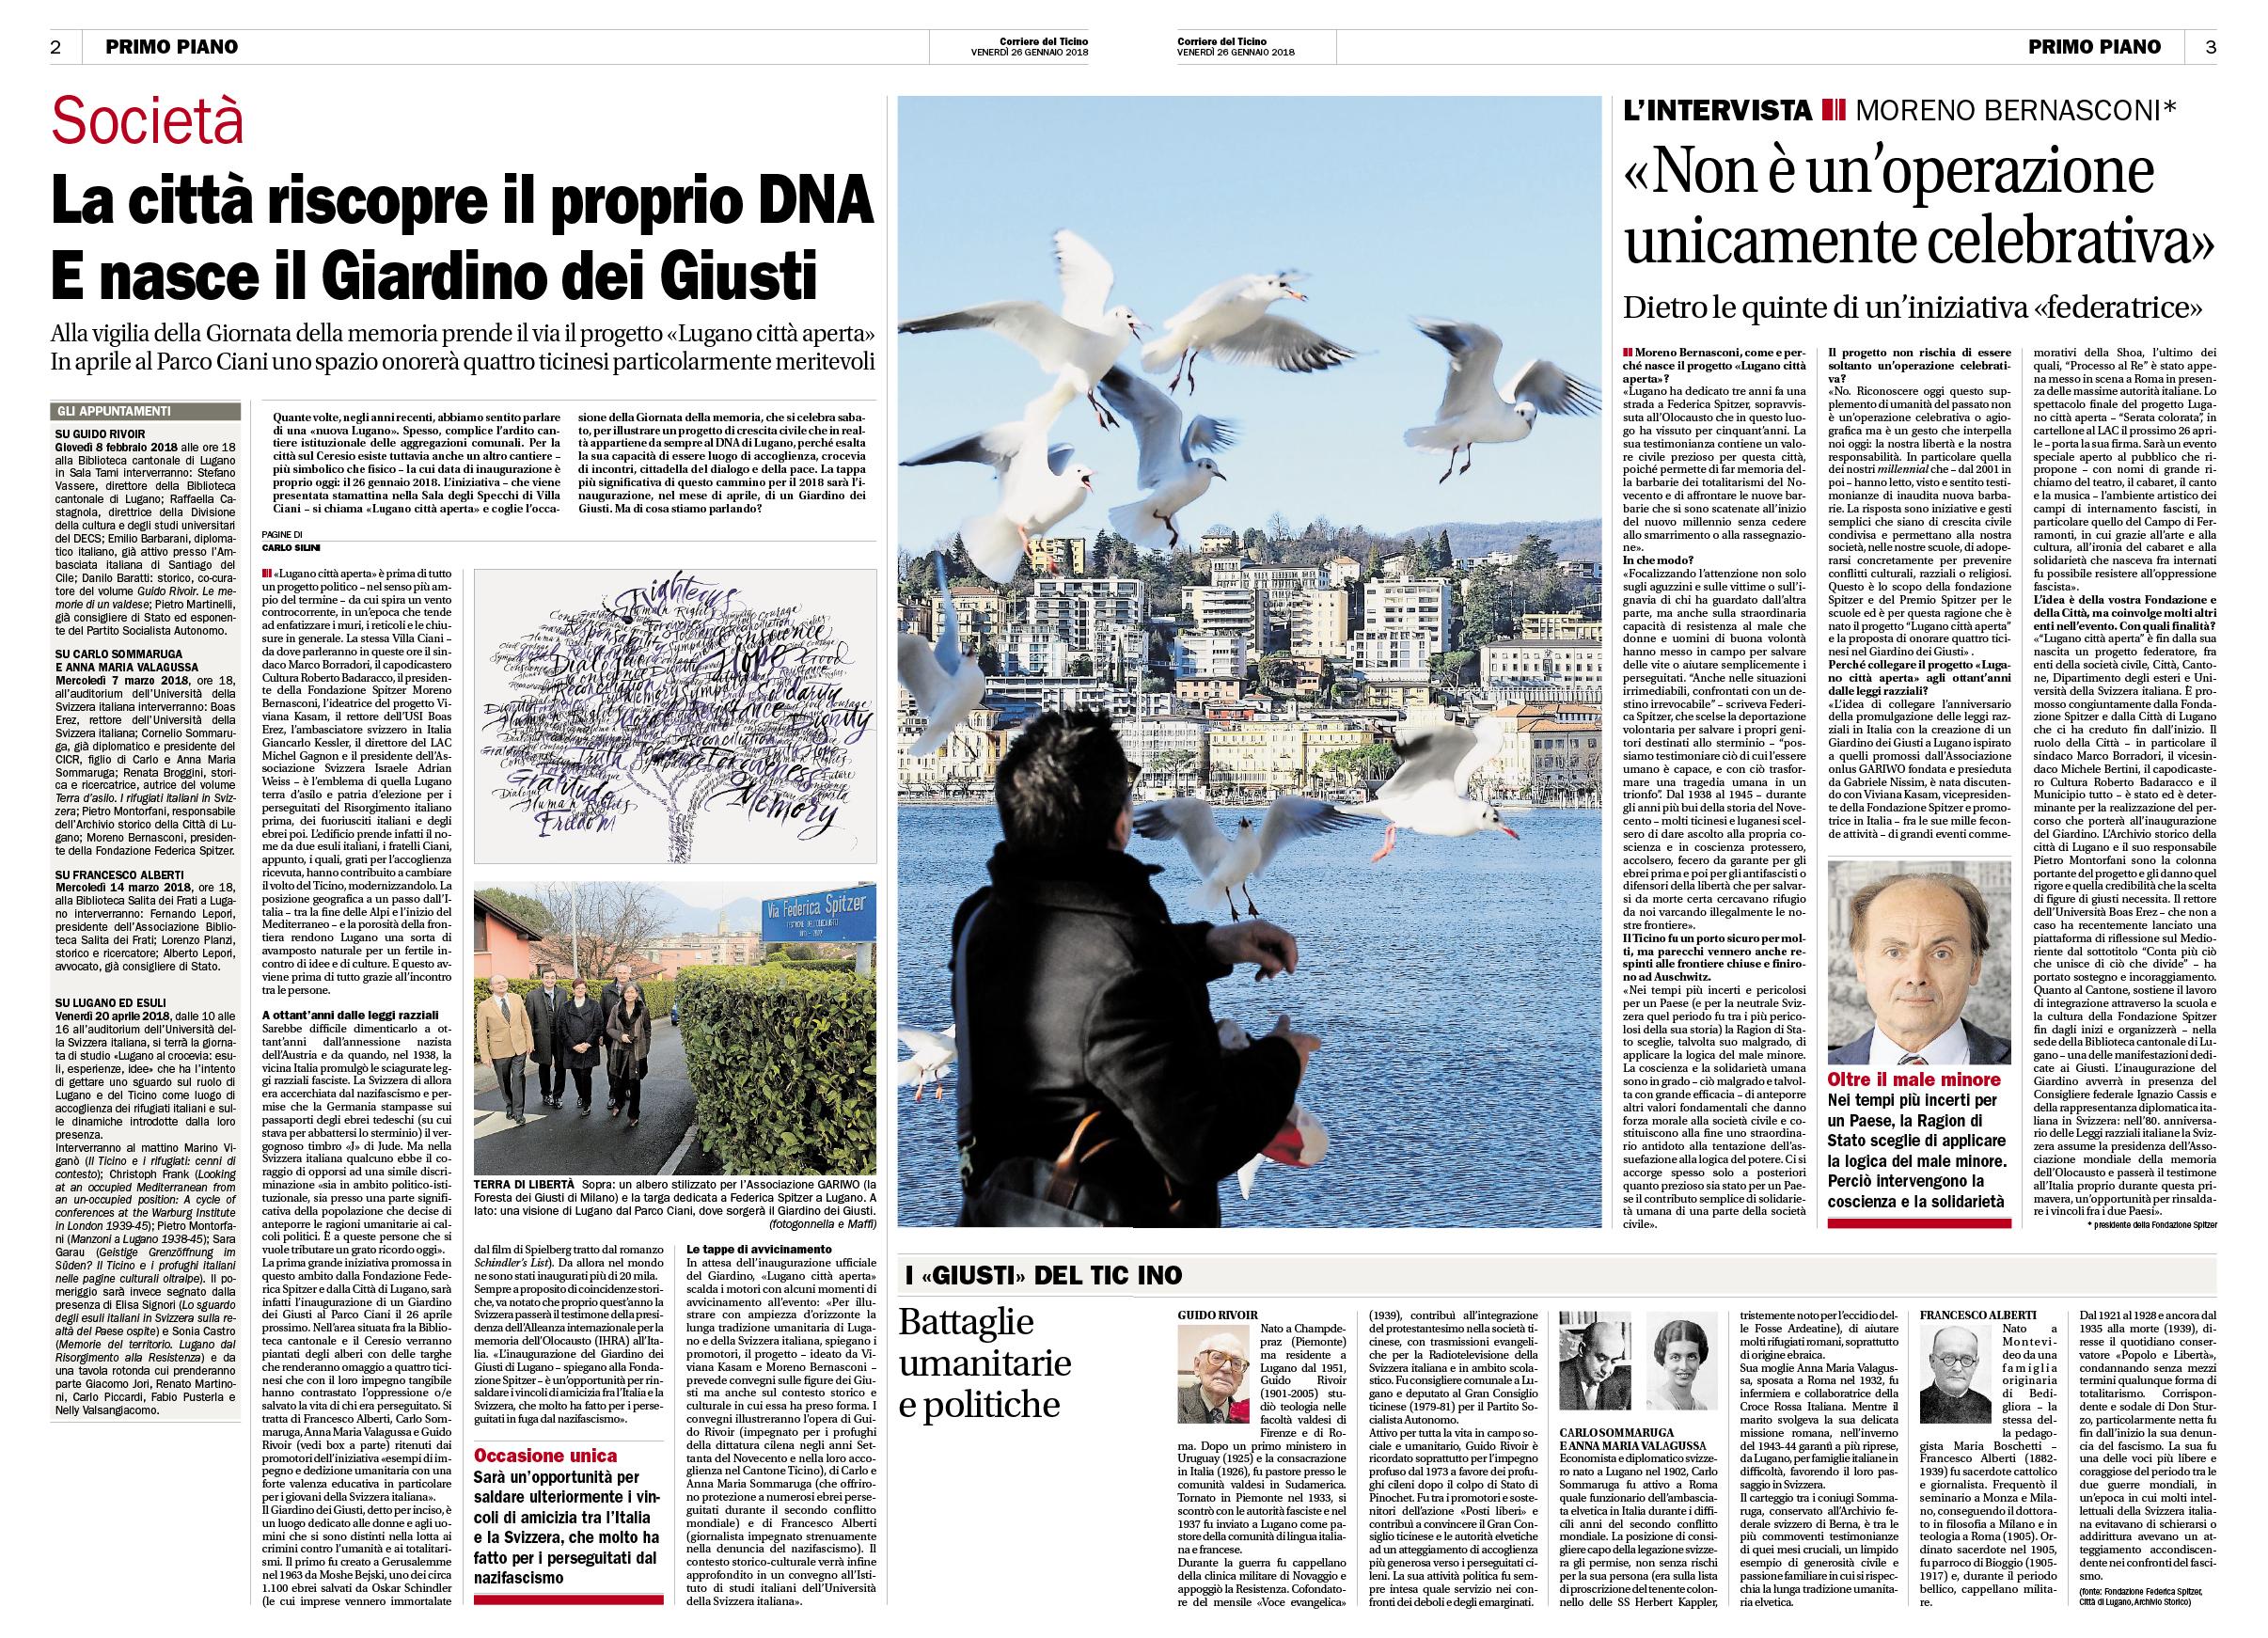 26.01.18 - Corriere del Ticino